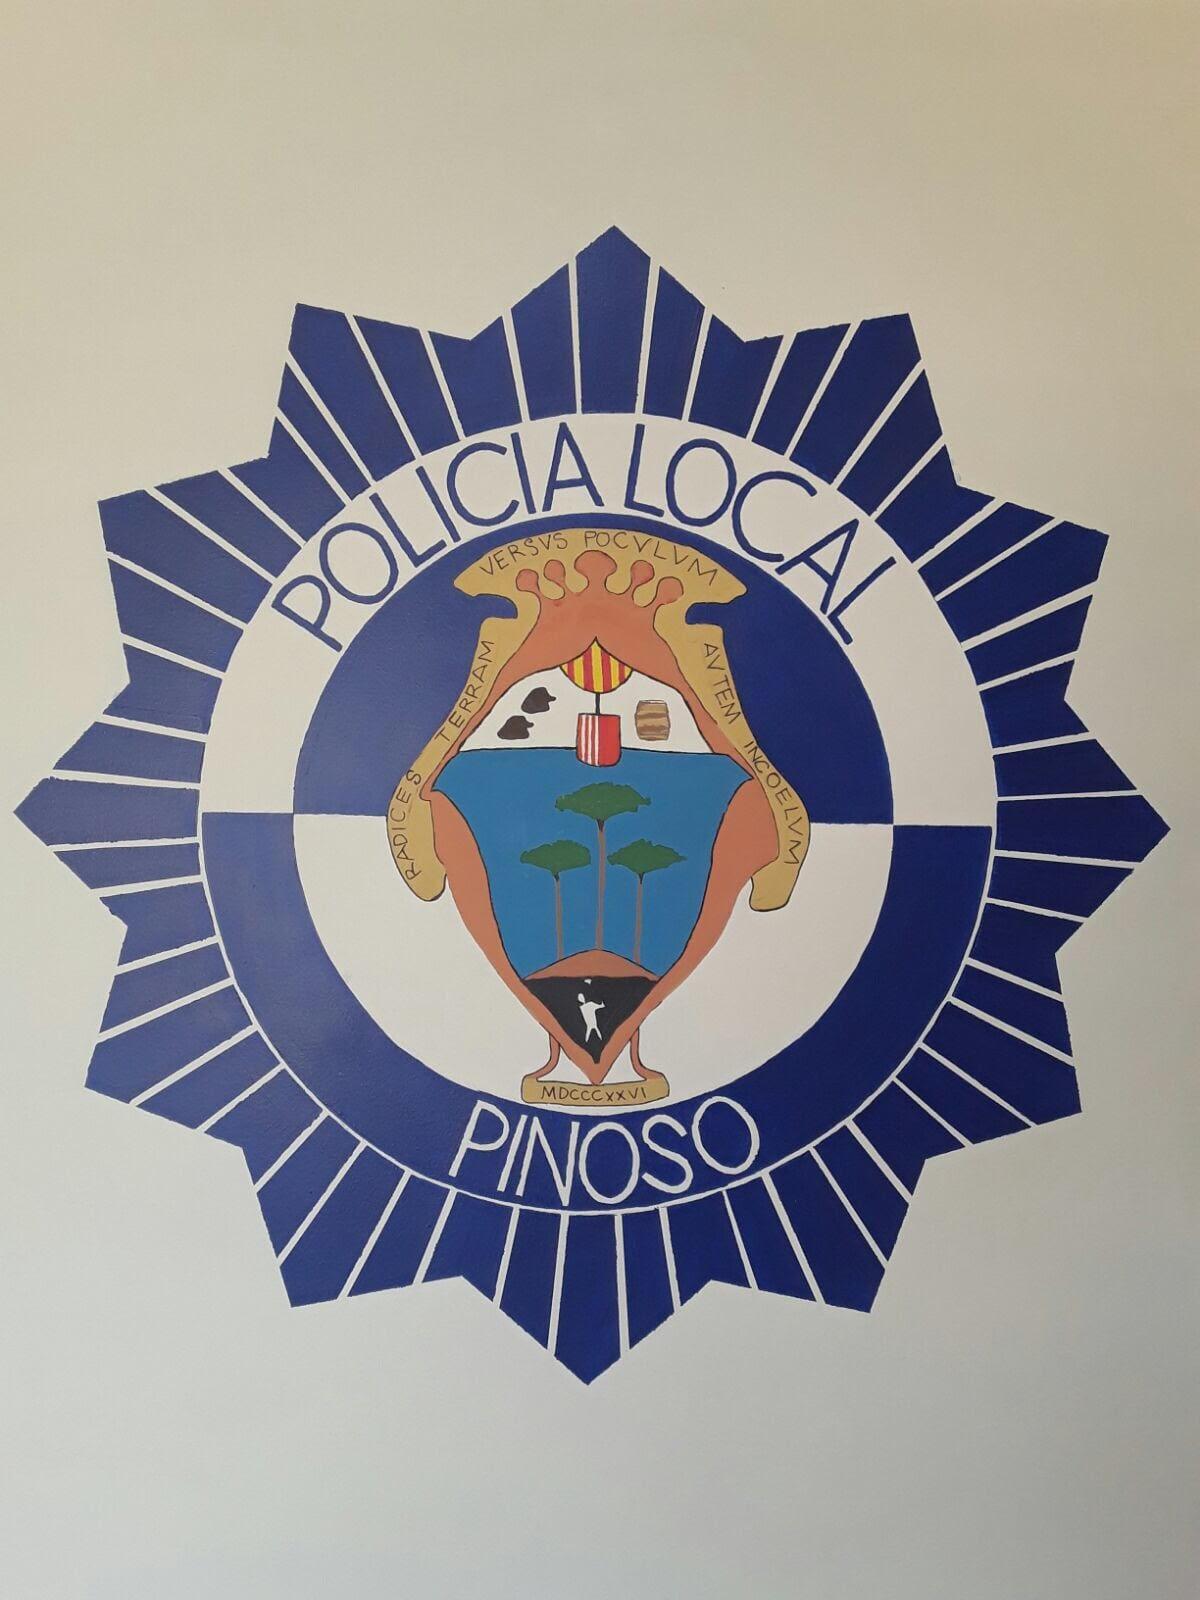 Policia Local Logo